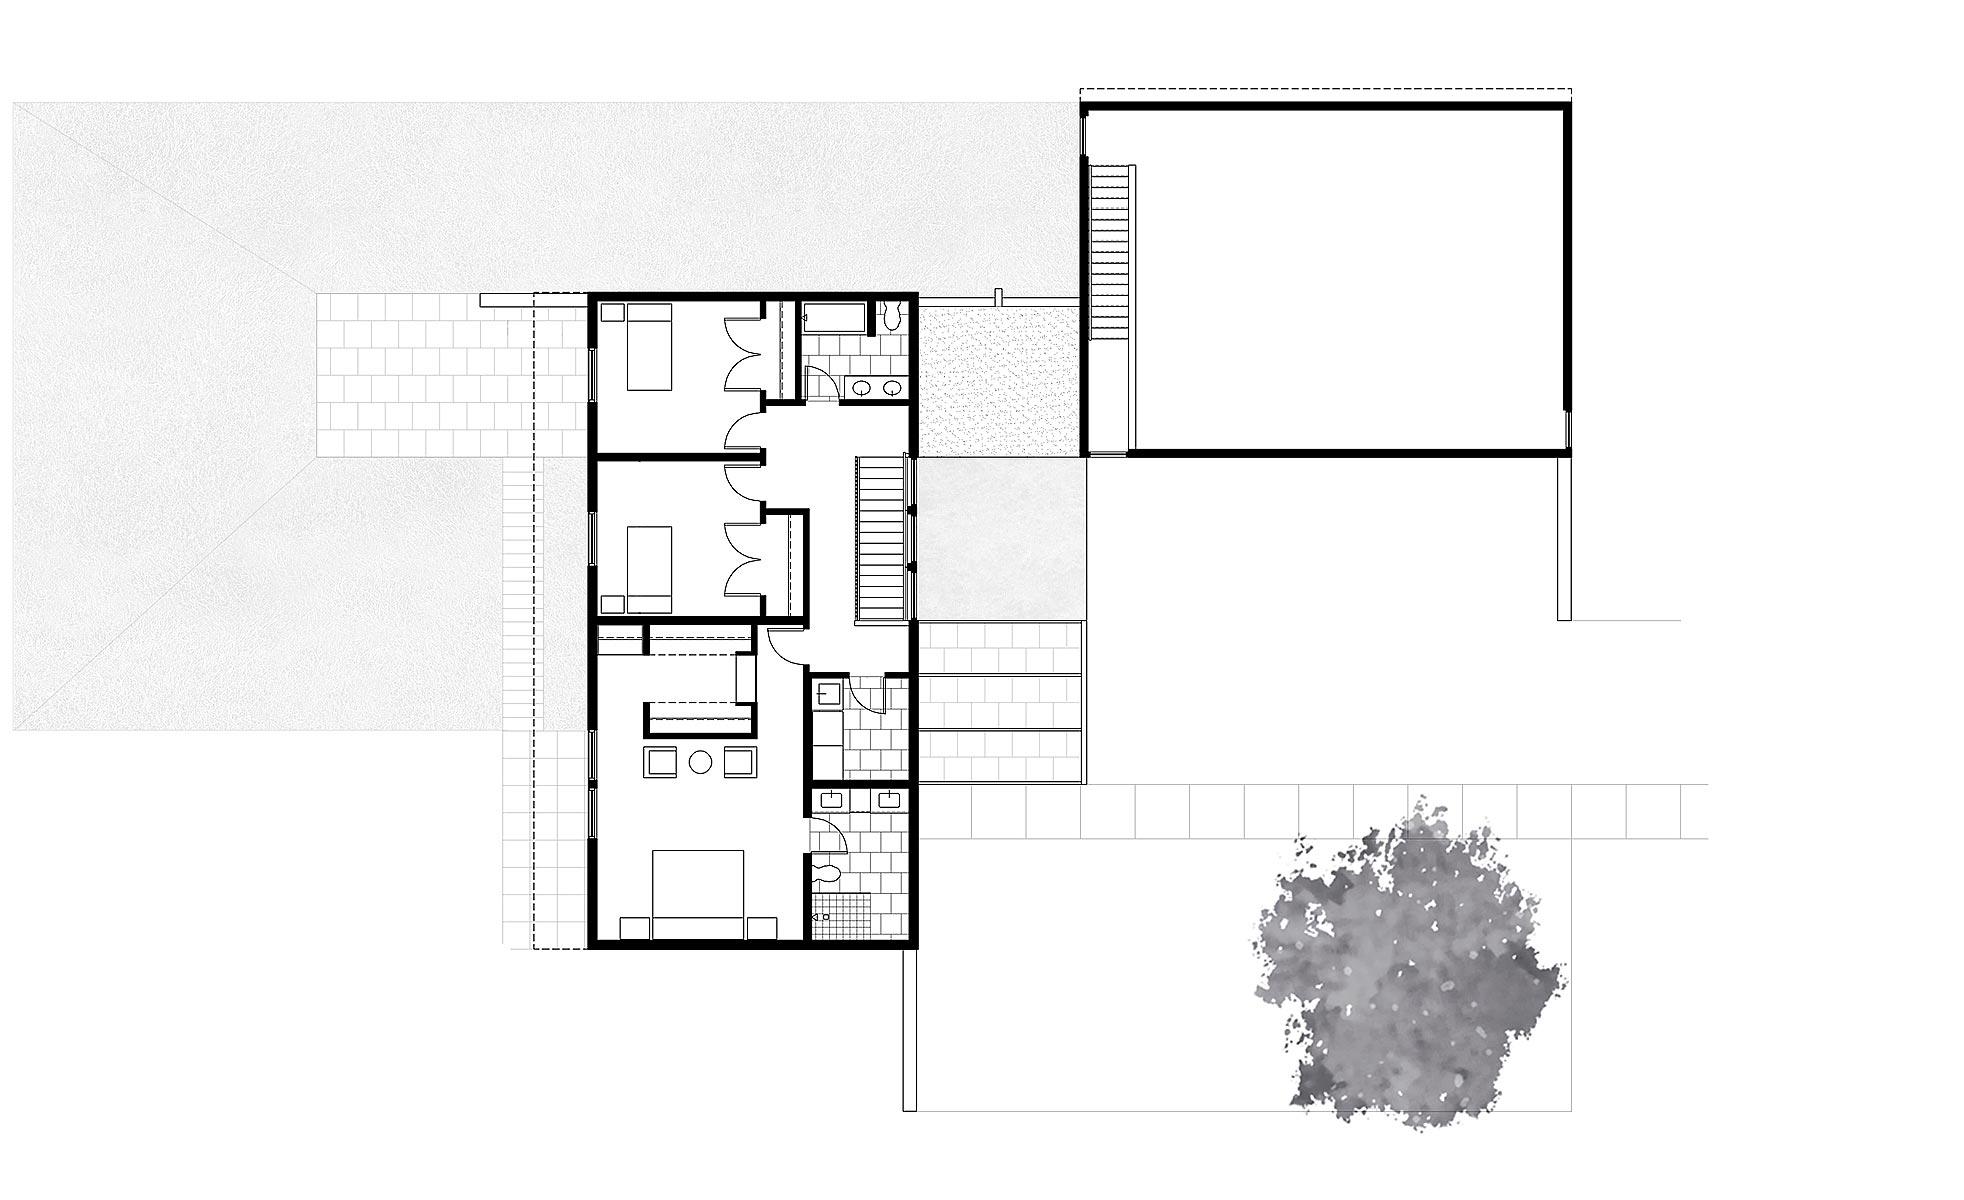 ALTUS-minnetonka-residence-upper-level-plan-NEW.jpg